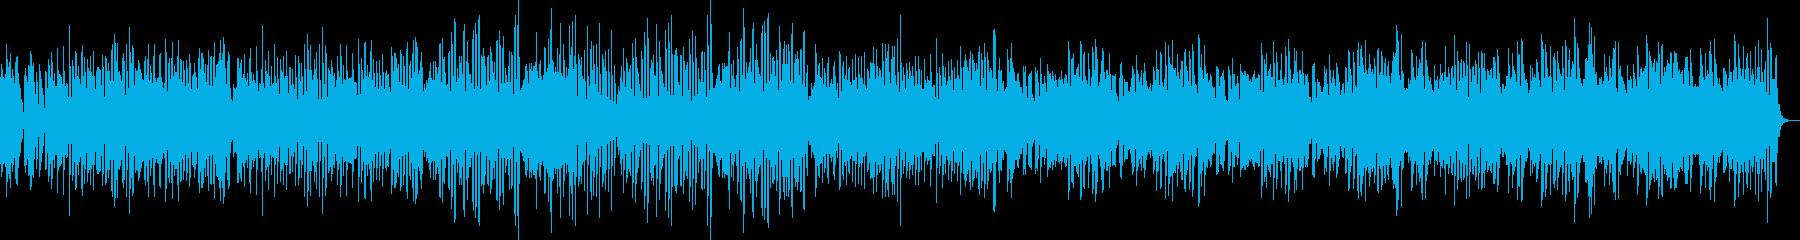 愉快なピアノのパイナップル・ラグタイムの再生済みの波形